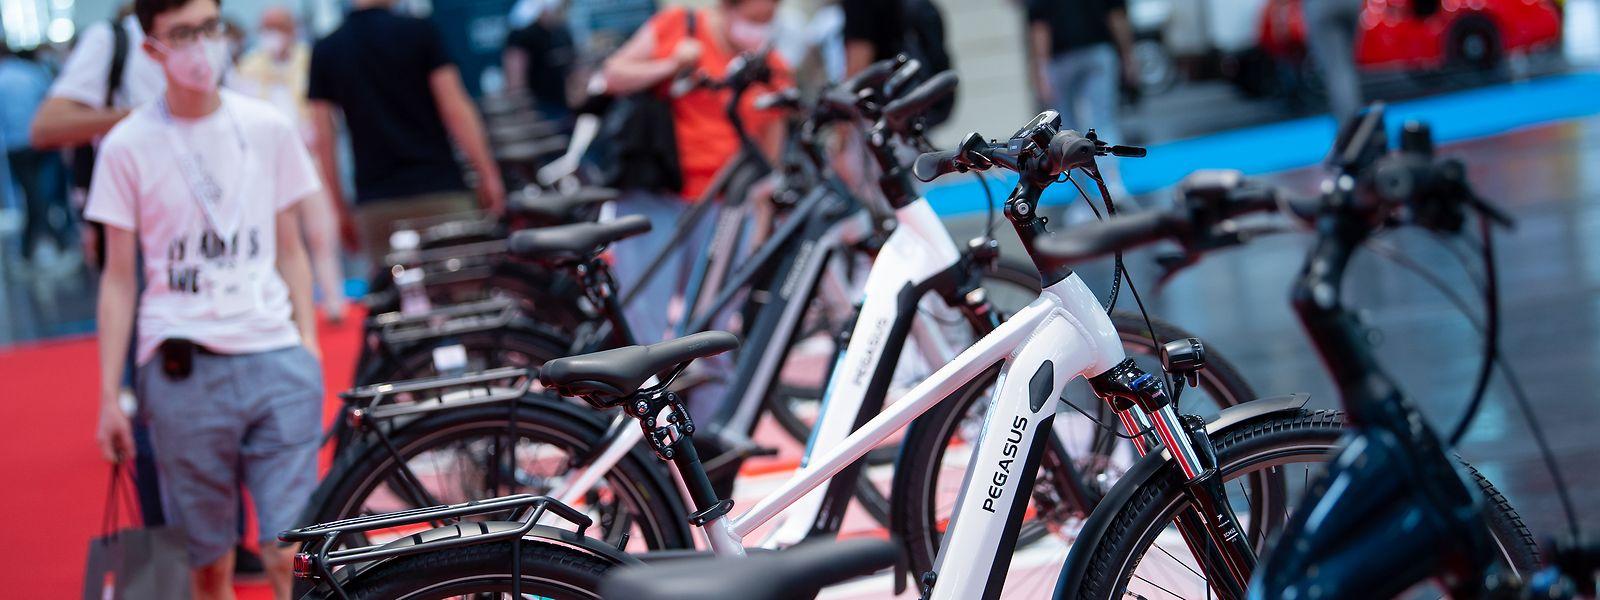 Die aktive Mobilität steht in diesem Jahr im Zentrum der Europäischen Mobilitätswoche.